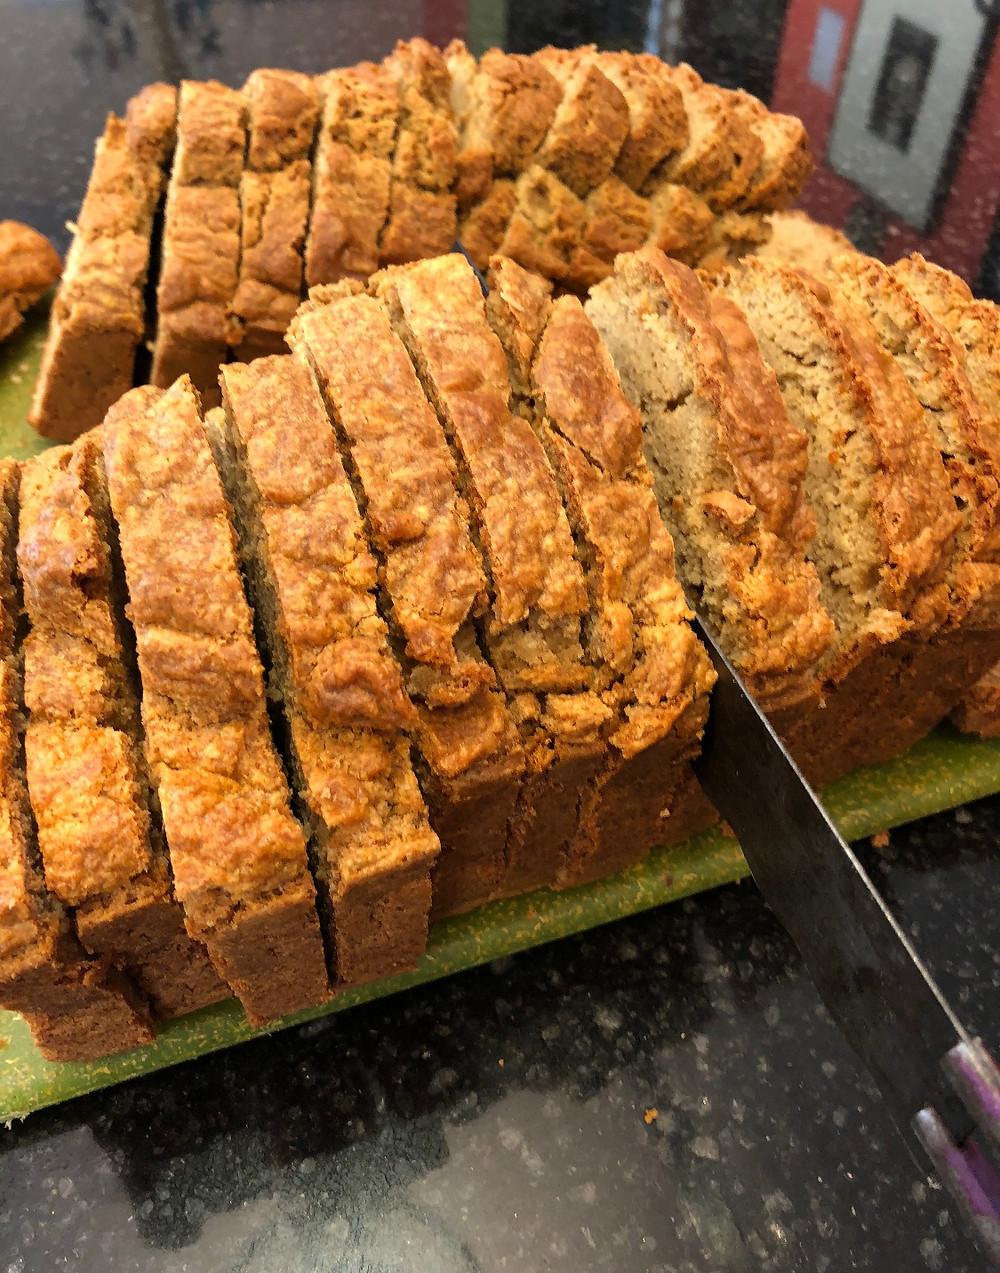 Bread knife slicing.